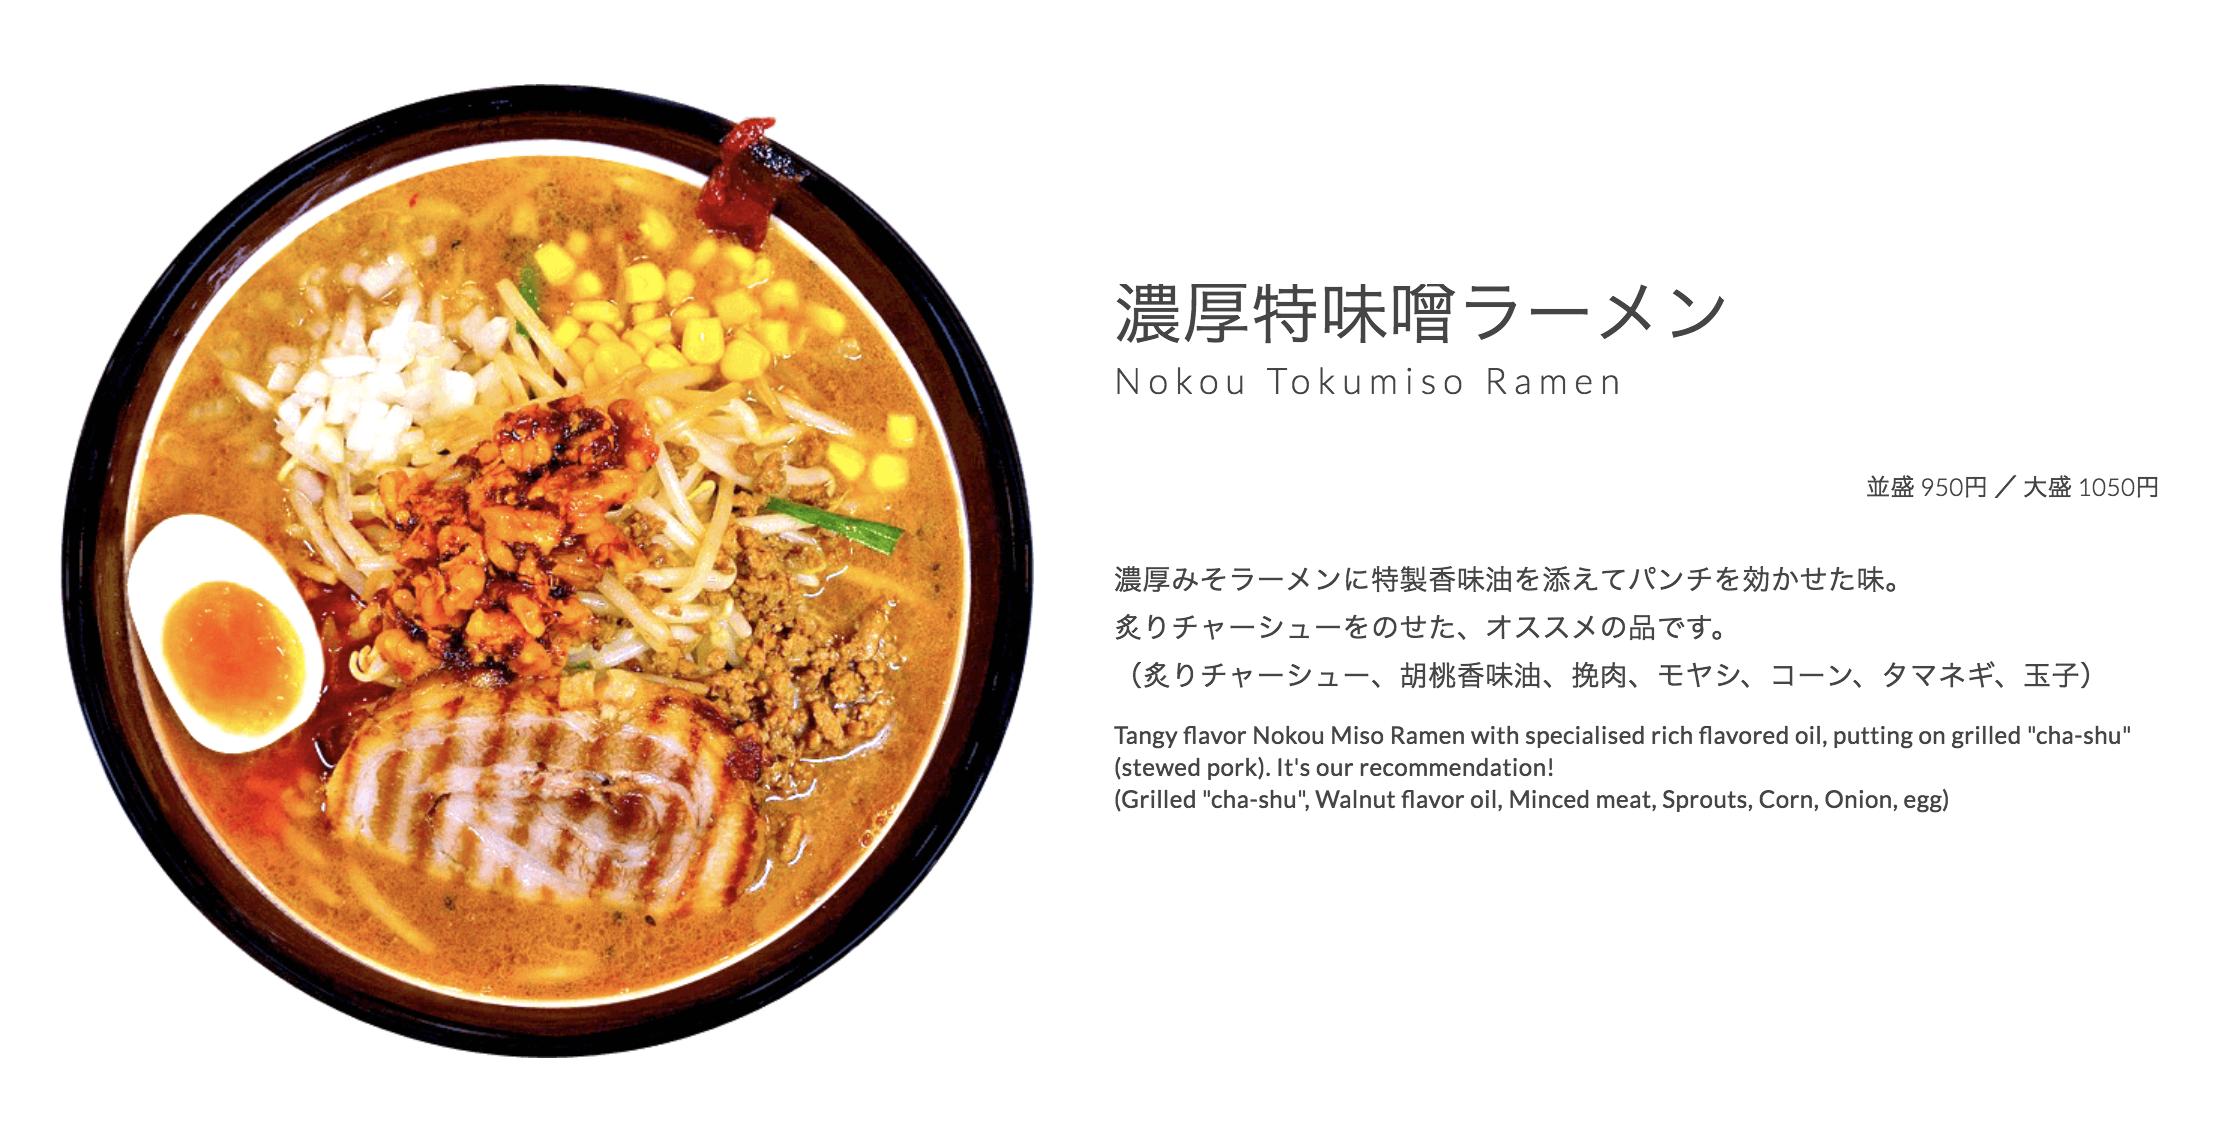 味噌ラーメン専門店「日月堂」の特味噌ラーメン